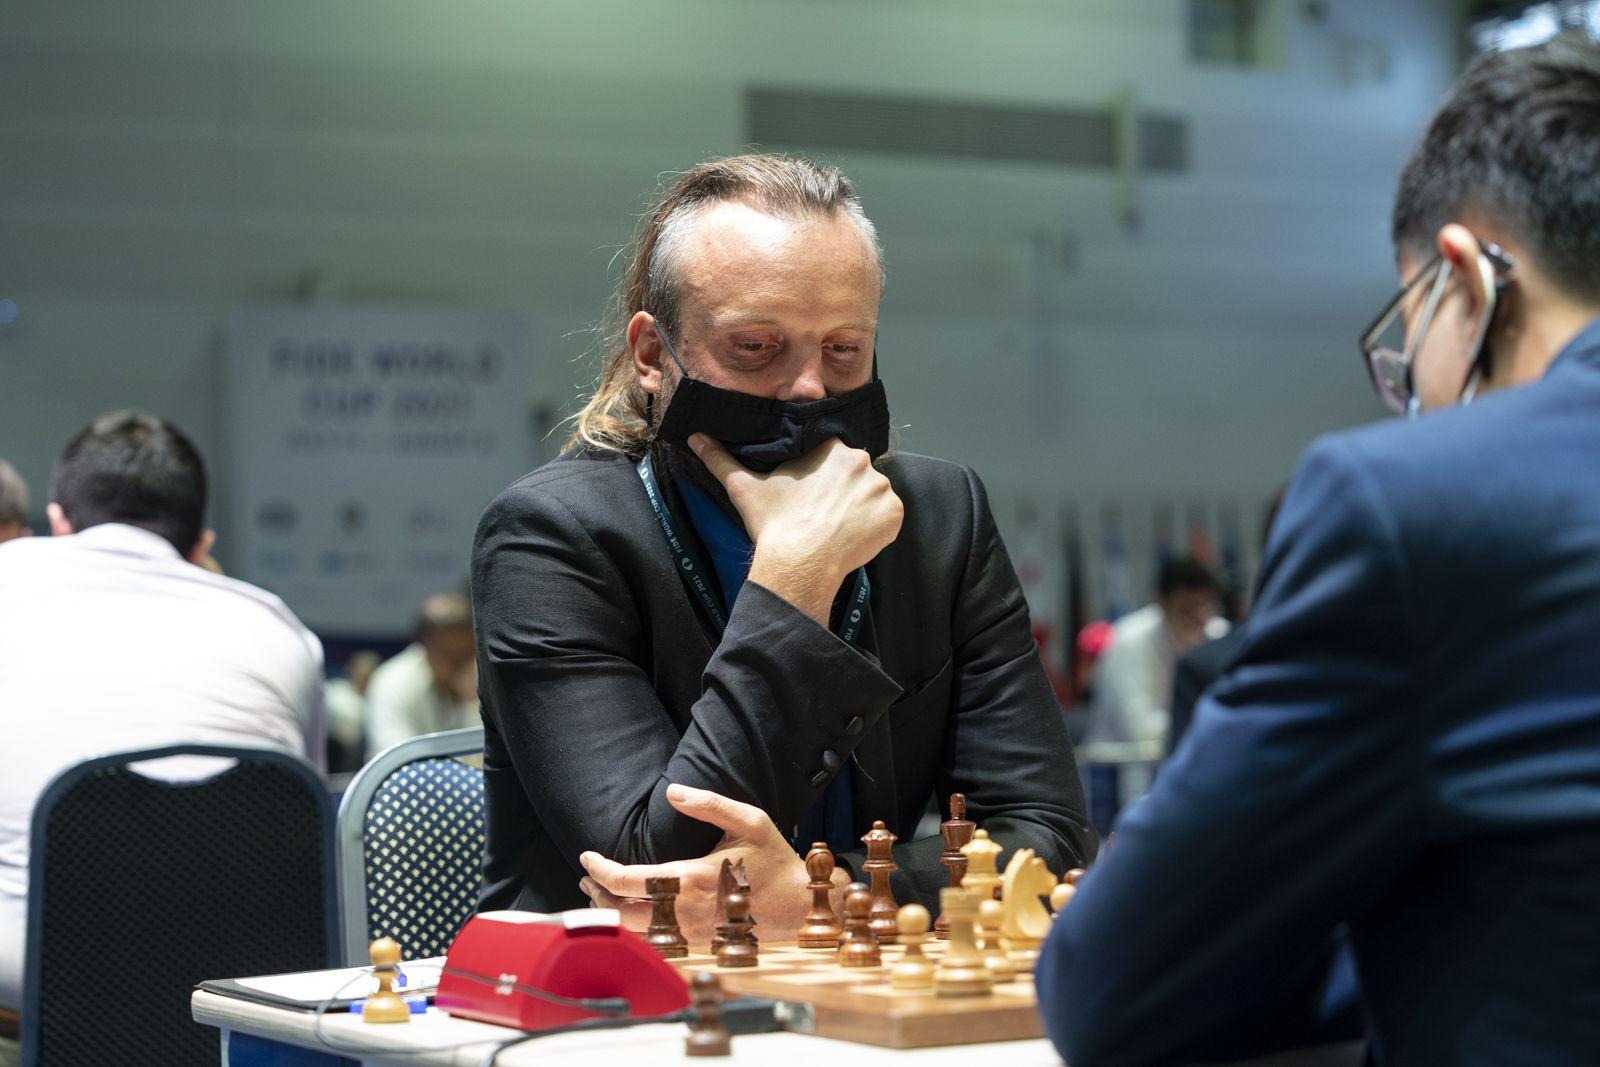 Timur Garayev